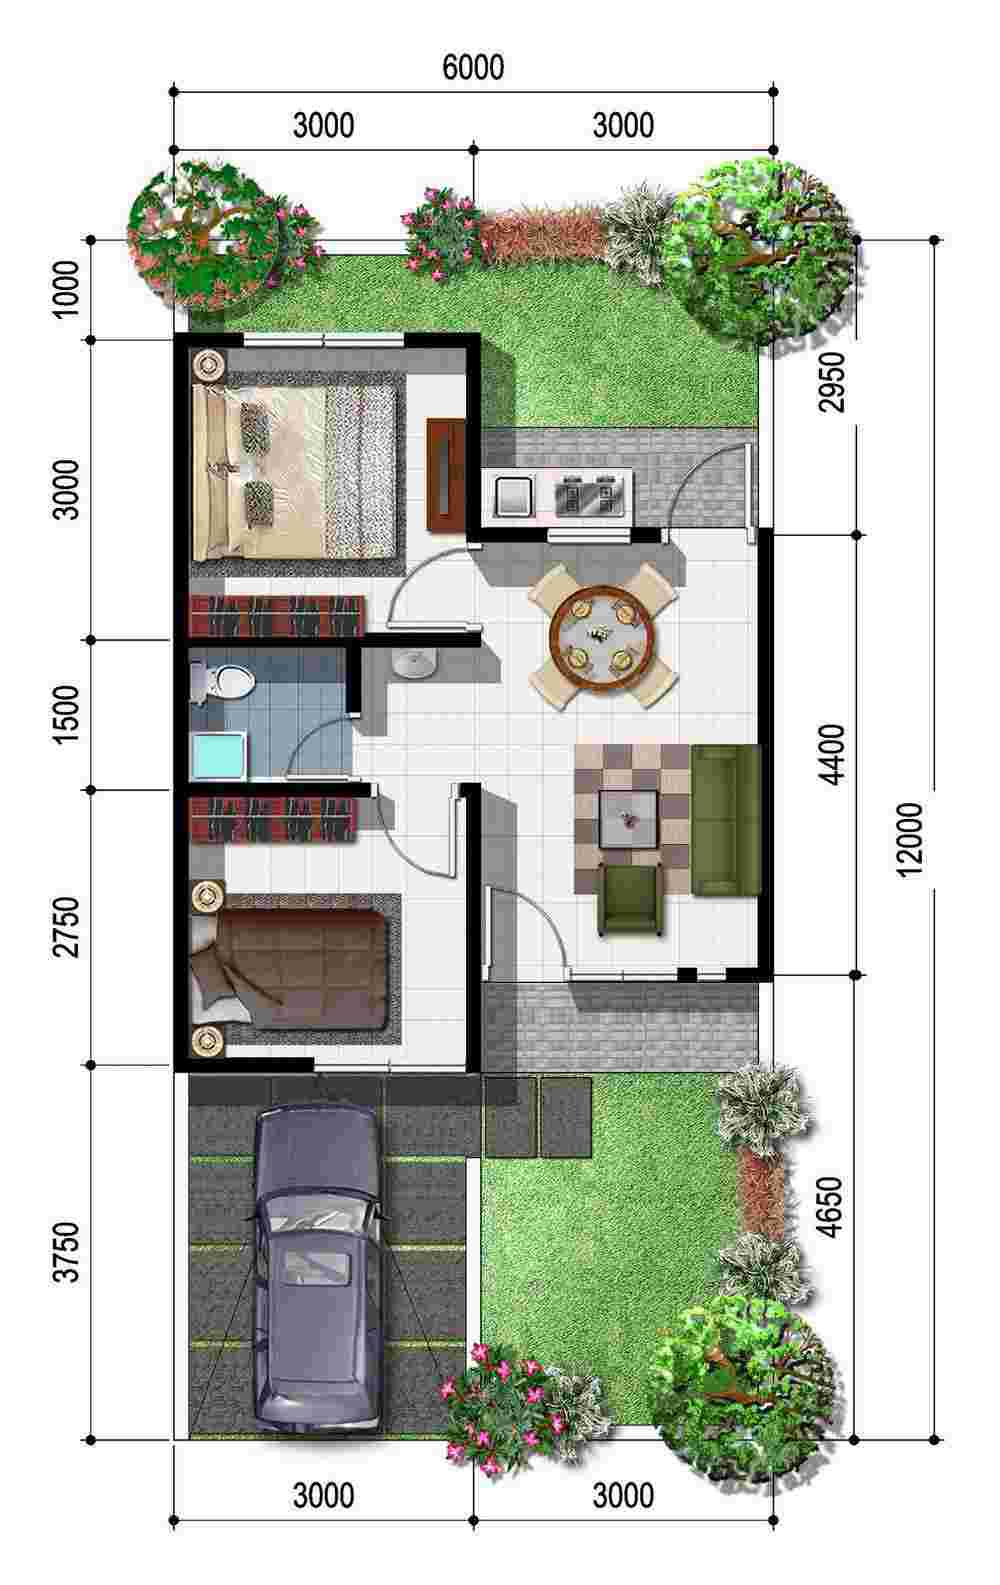 Denah Desain Rumah Memanjang Ke Belakang 1 Lantai dengan Garasi dan Taman Minimalis